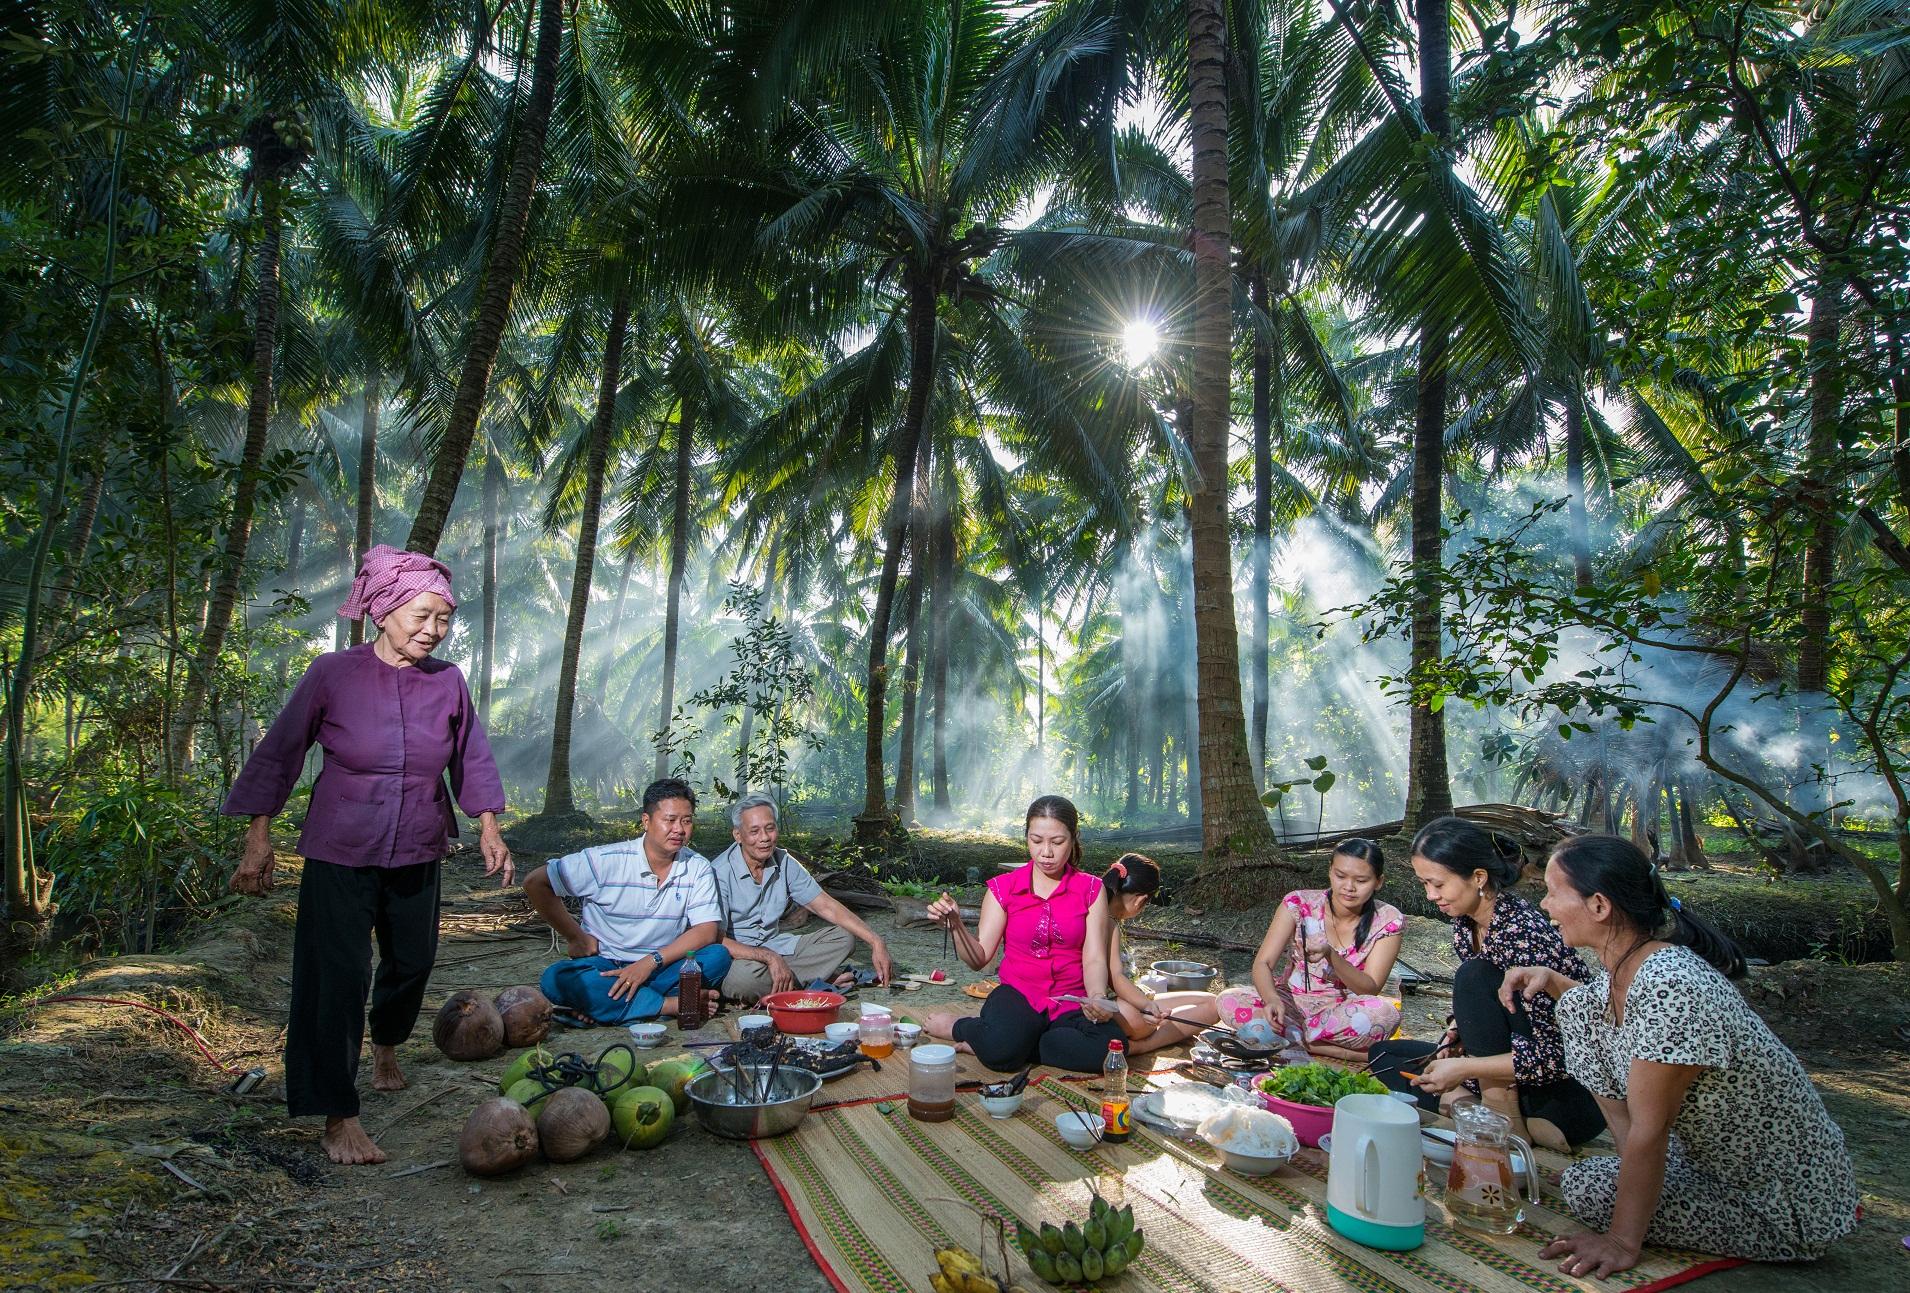 Gửi ảnh, clip, bài thi Tận hưởng bản sắc Việt lần 2 để rinh giải thưởng lớn - Ảnh 3.